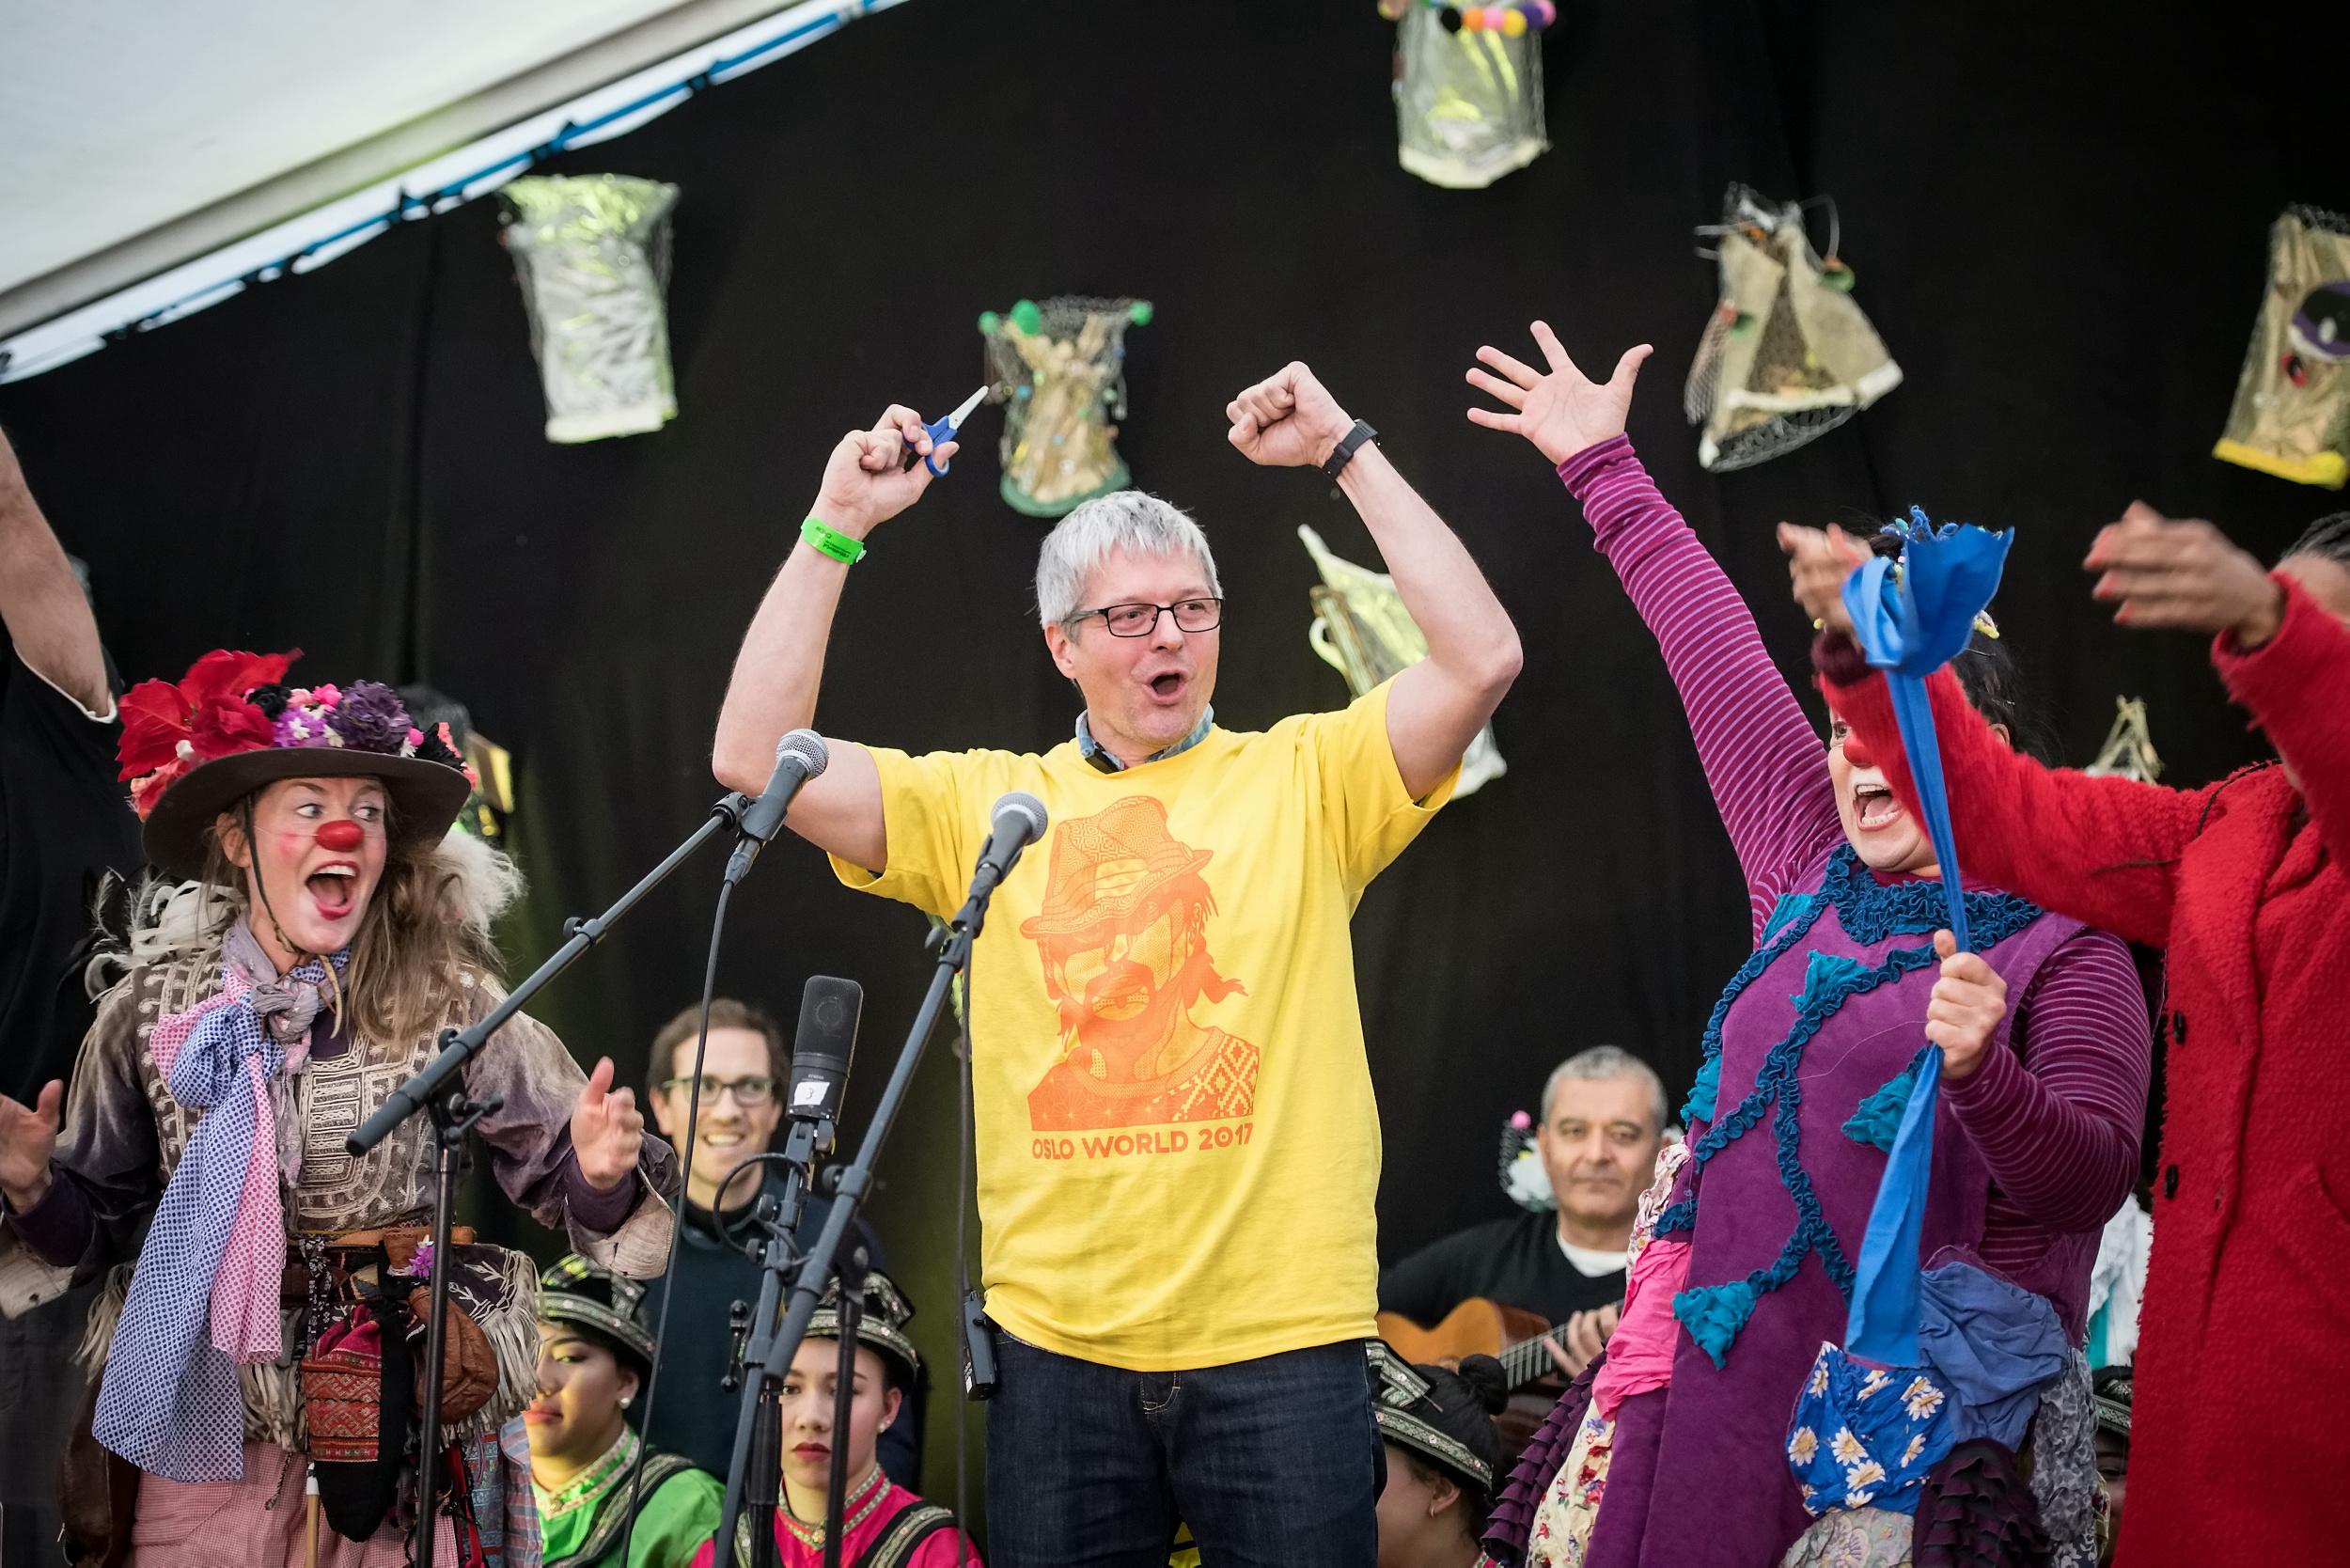 Foto: Lars Opstad / Kulturtanken